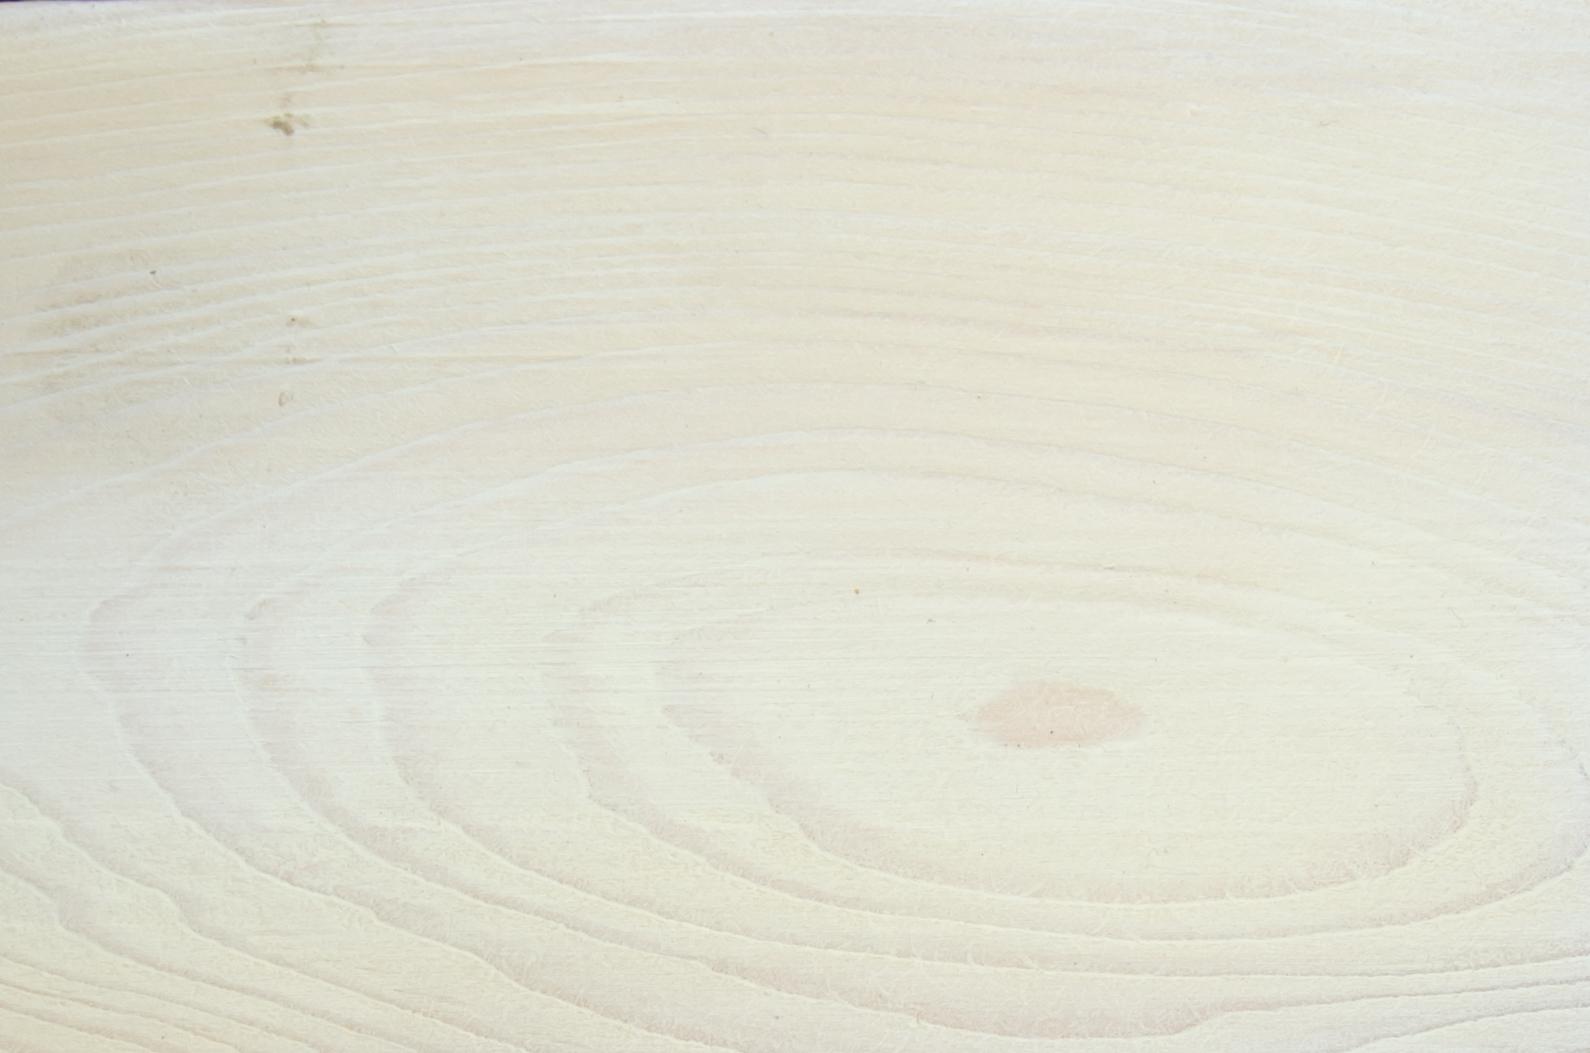 Öl-lasur colorlak - weiß - Öllasuren colorlak | naturhouse®